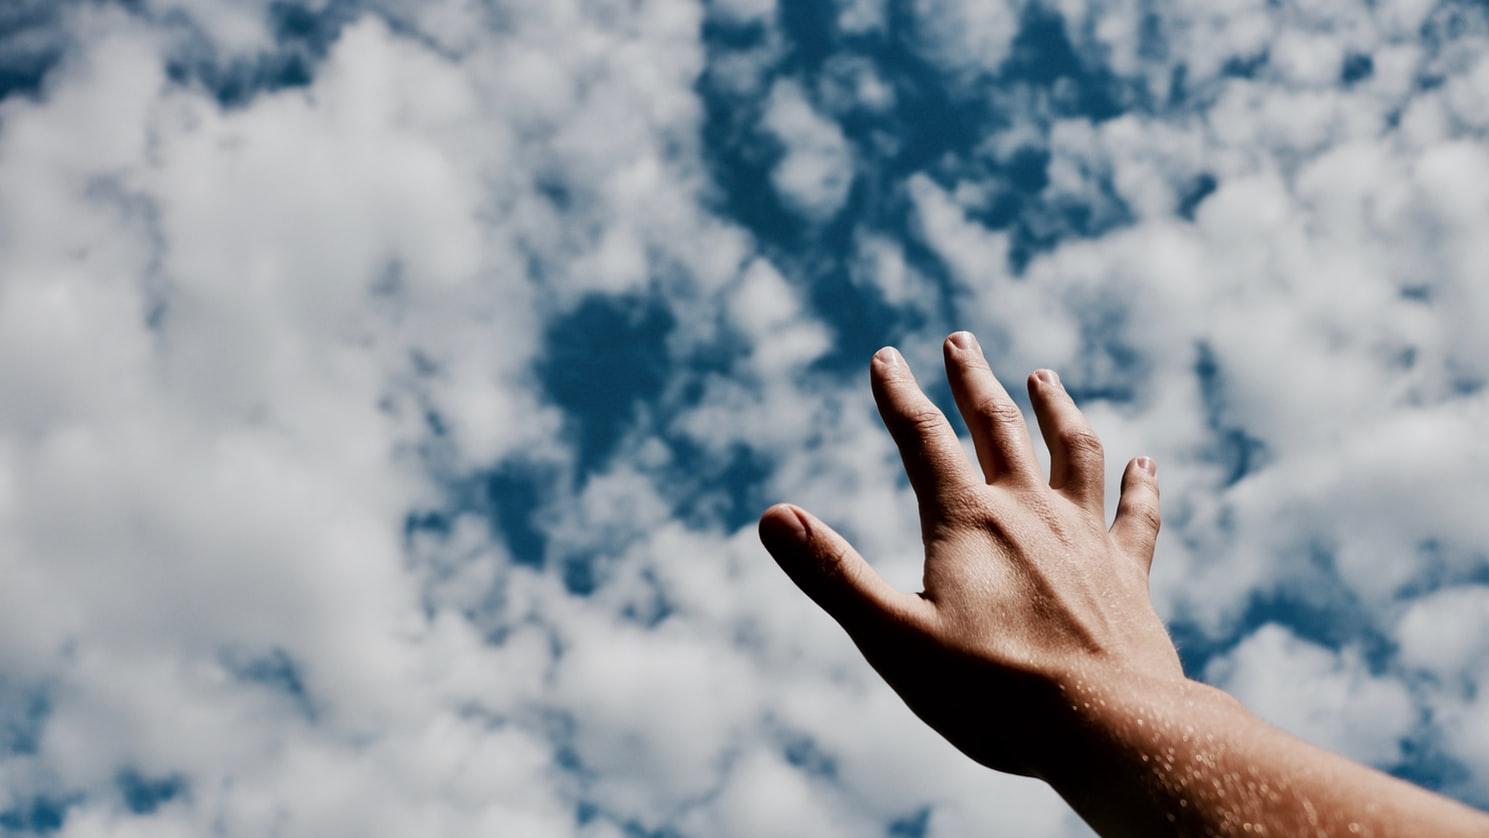 Тайны мозга: действительно ли перед смертью нас ждет эйфория? - hi-news.ru